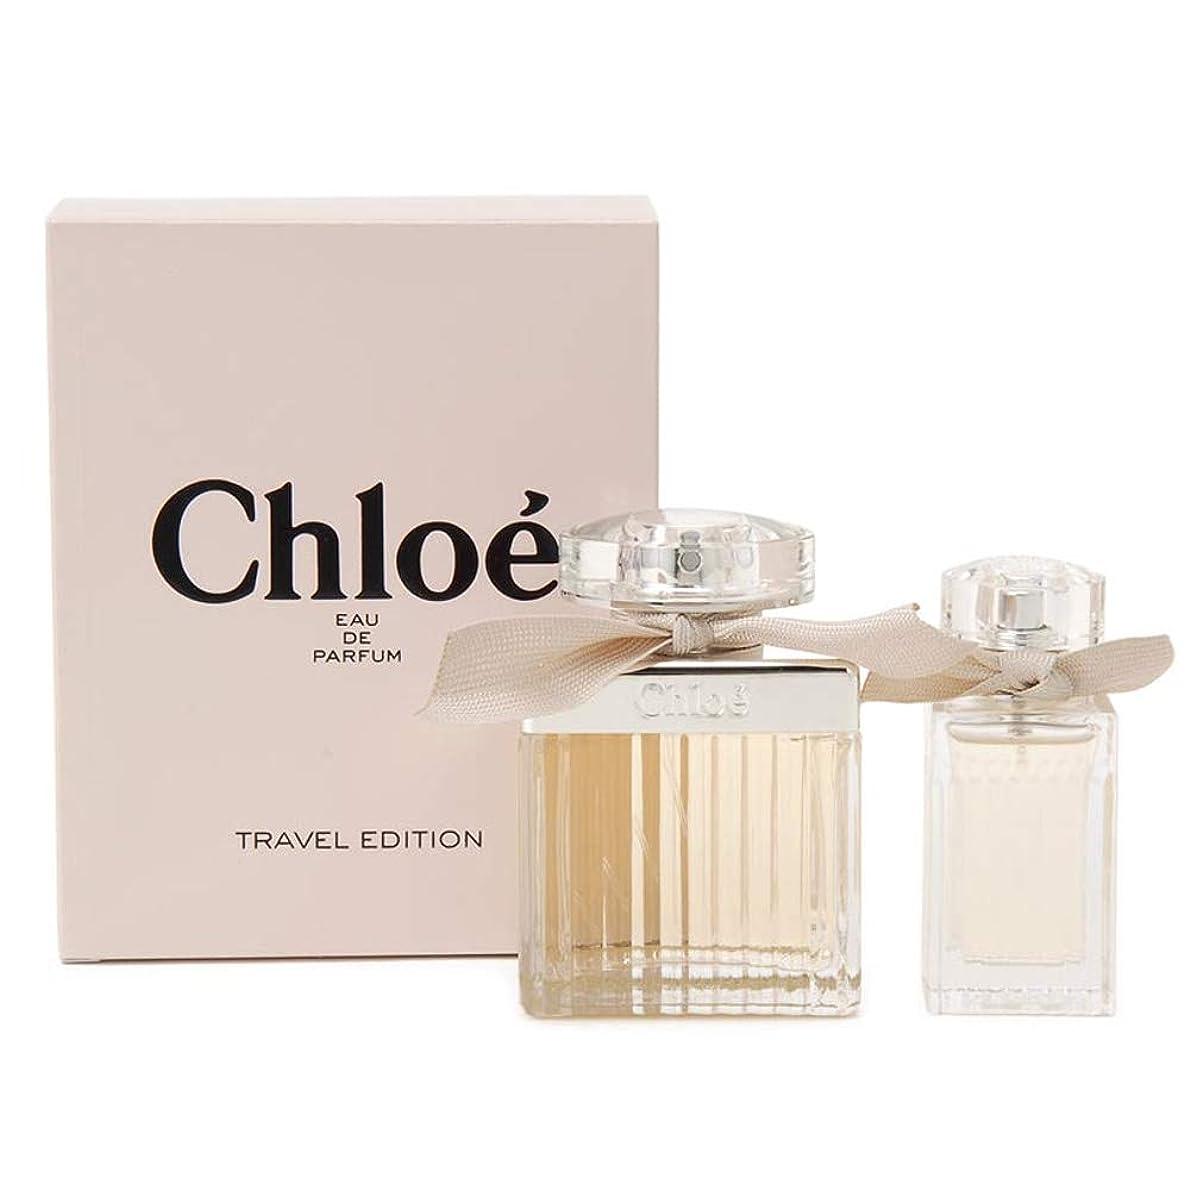 程度露ソートクロエ chloe オードパルファム 香水セット 20ml 75ml 2P 香水 レディース 女性用 フレグランス [並行輸入品]